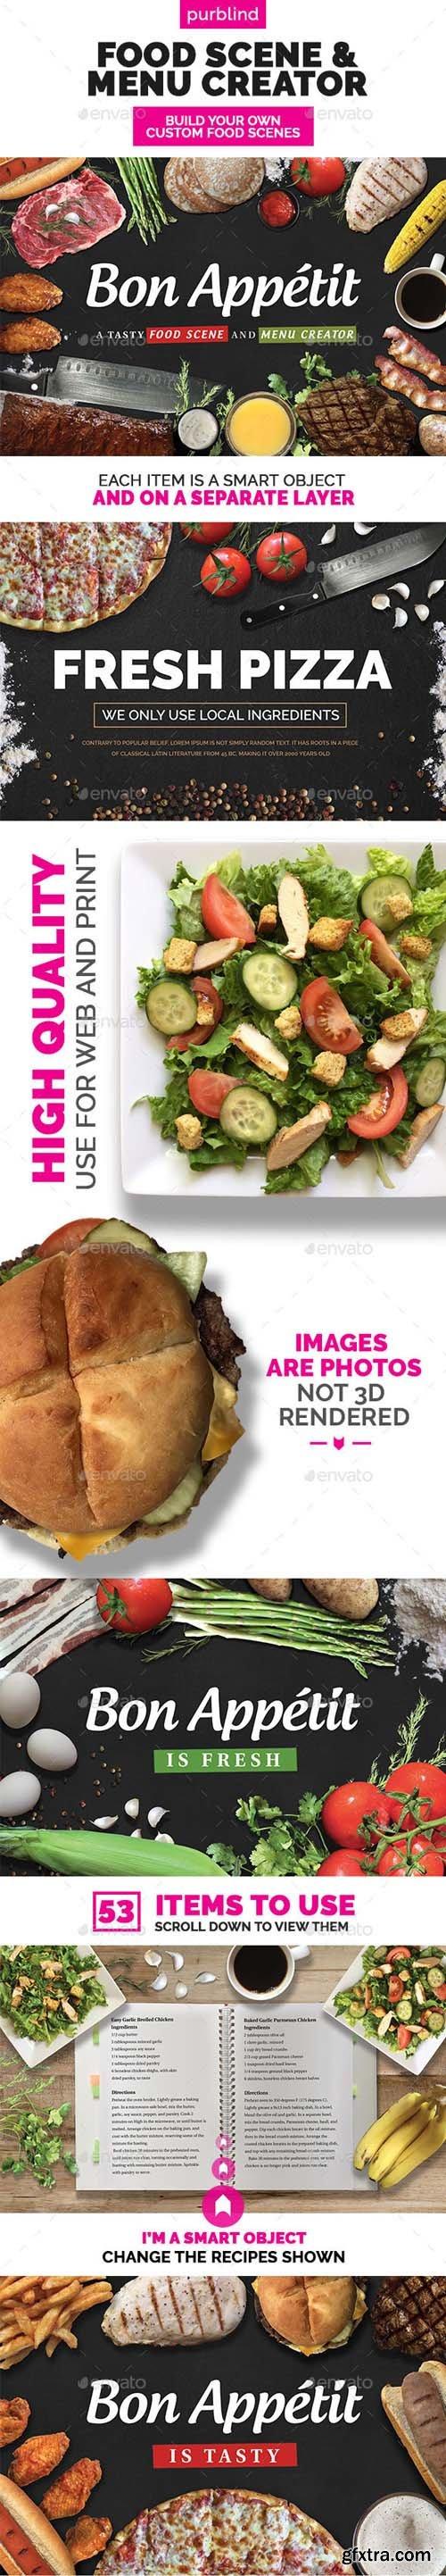 GraphicRiver - Food Scene Menu Creator (Bon Appetit) 11585332